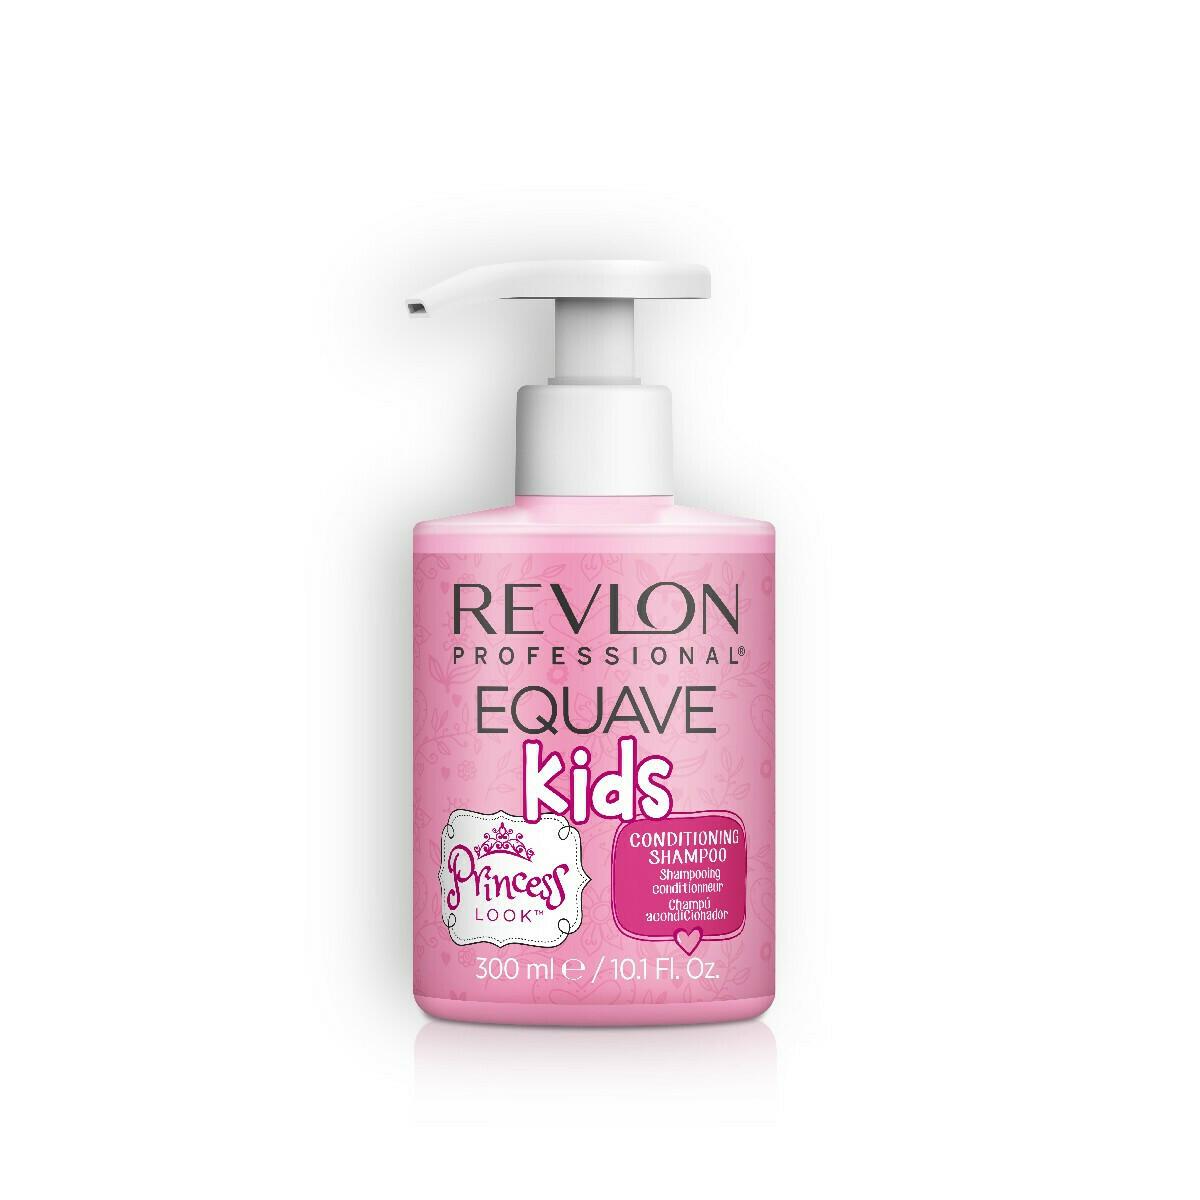 Shampoing hypoallergénique Princess Look - 300ml - Equave - Enfants Revlon